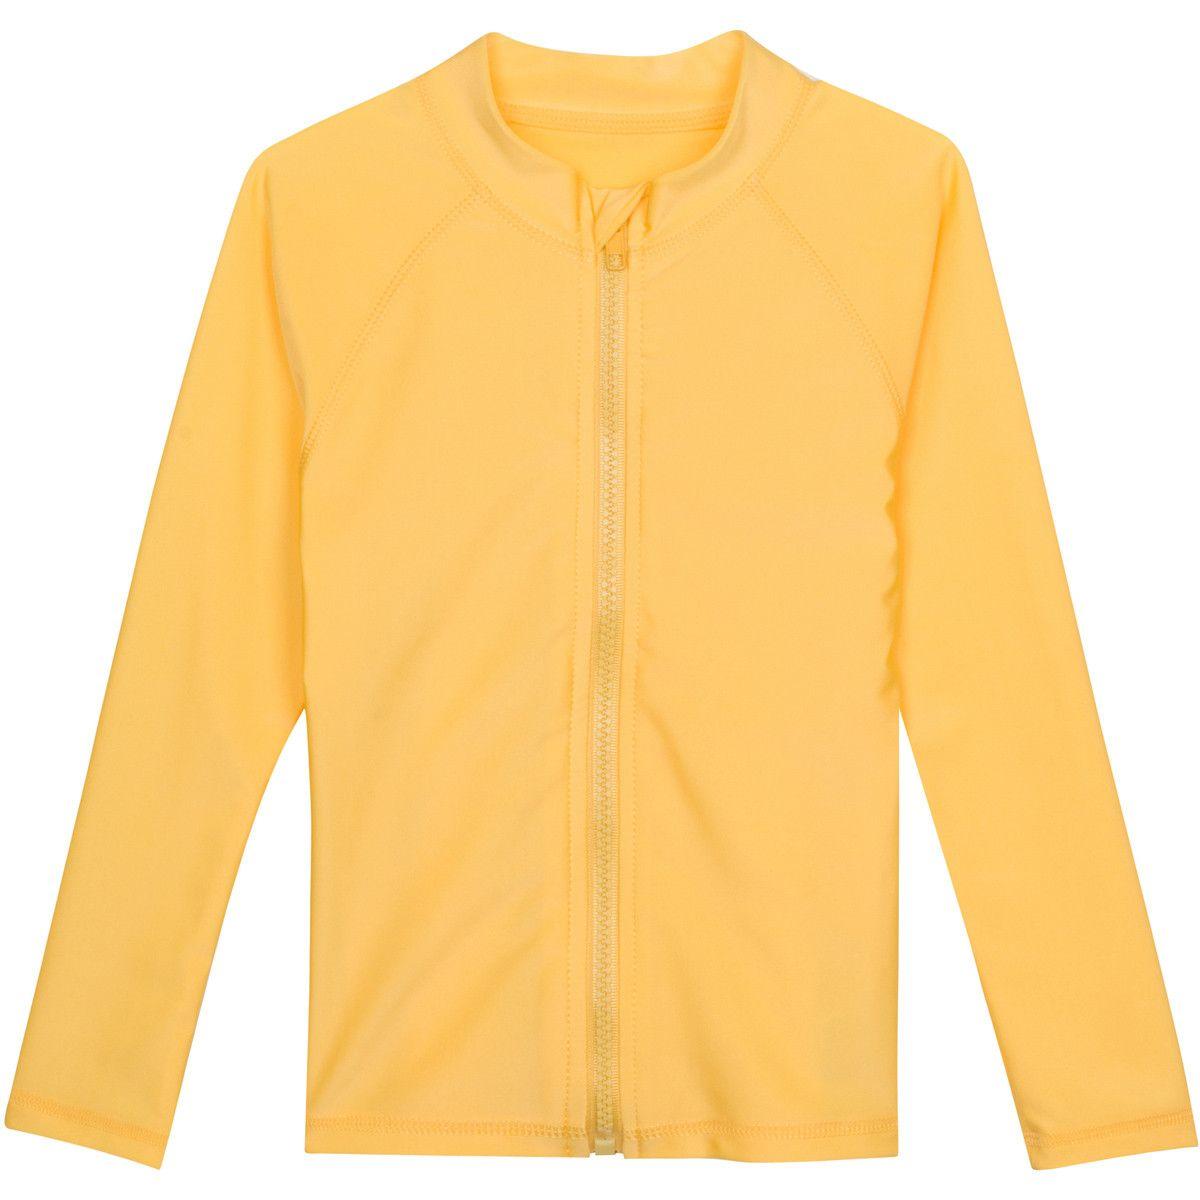 Multiple Colors SwimZip Mens Long Sleeve Zipper Rash Guard UPF 50+